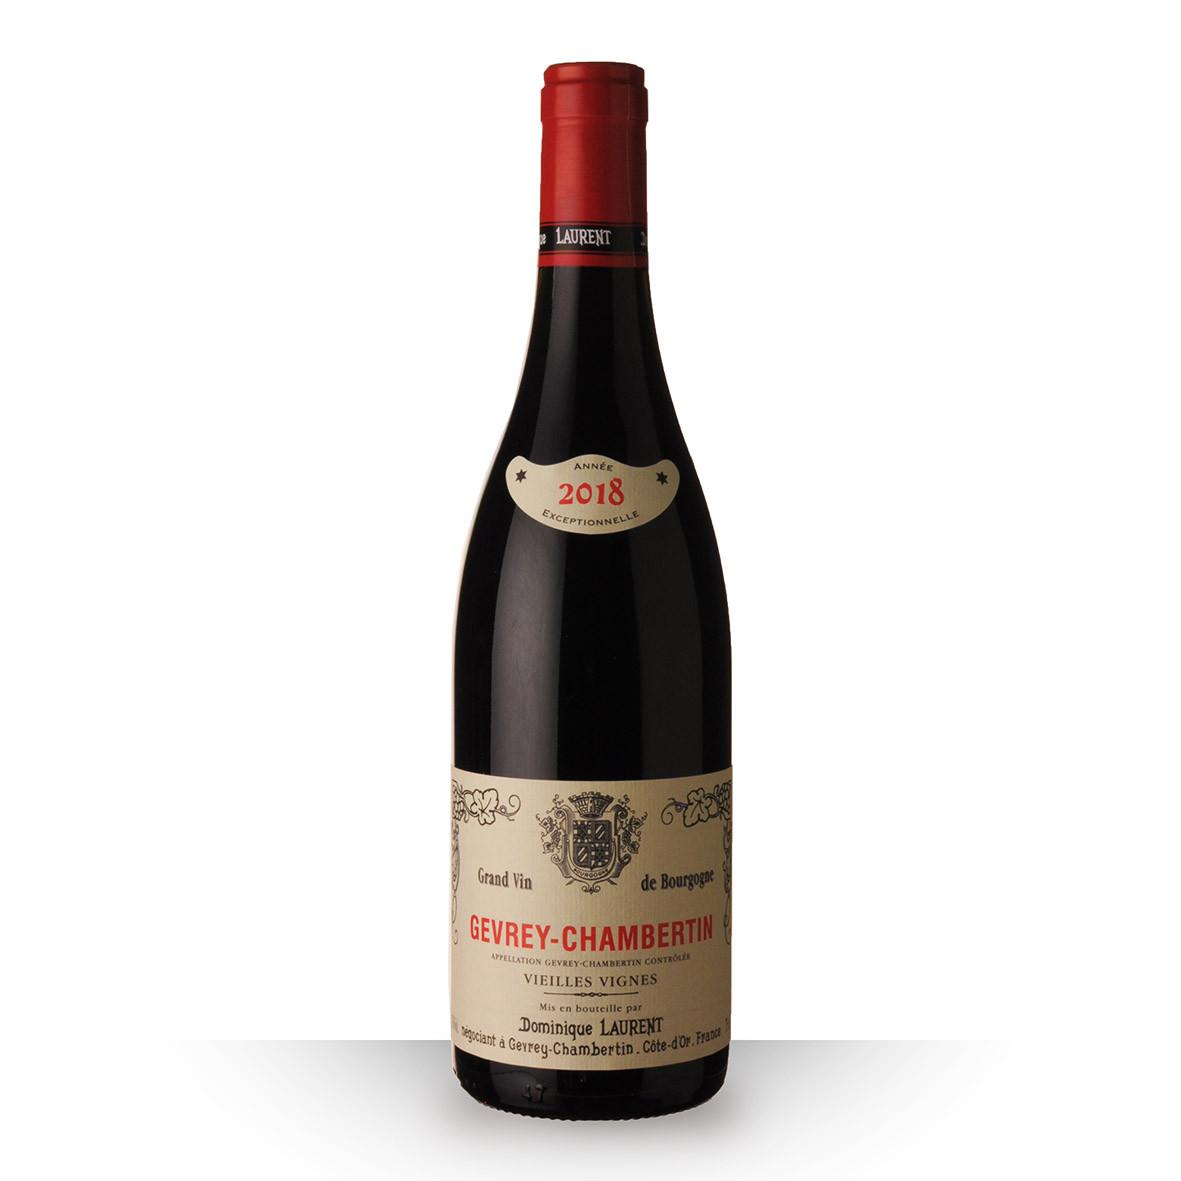 Dominique Laurent Vieilles Vignes Gevrey-Chambertin Rouge 2018 75cl www.odyssee-vins.com